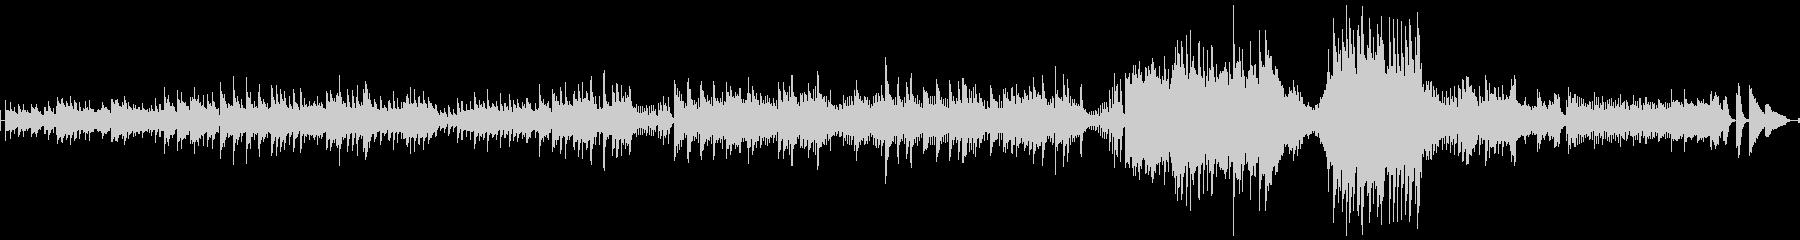 ワルツ 第2番 ピアノソロ版の未再生の波形